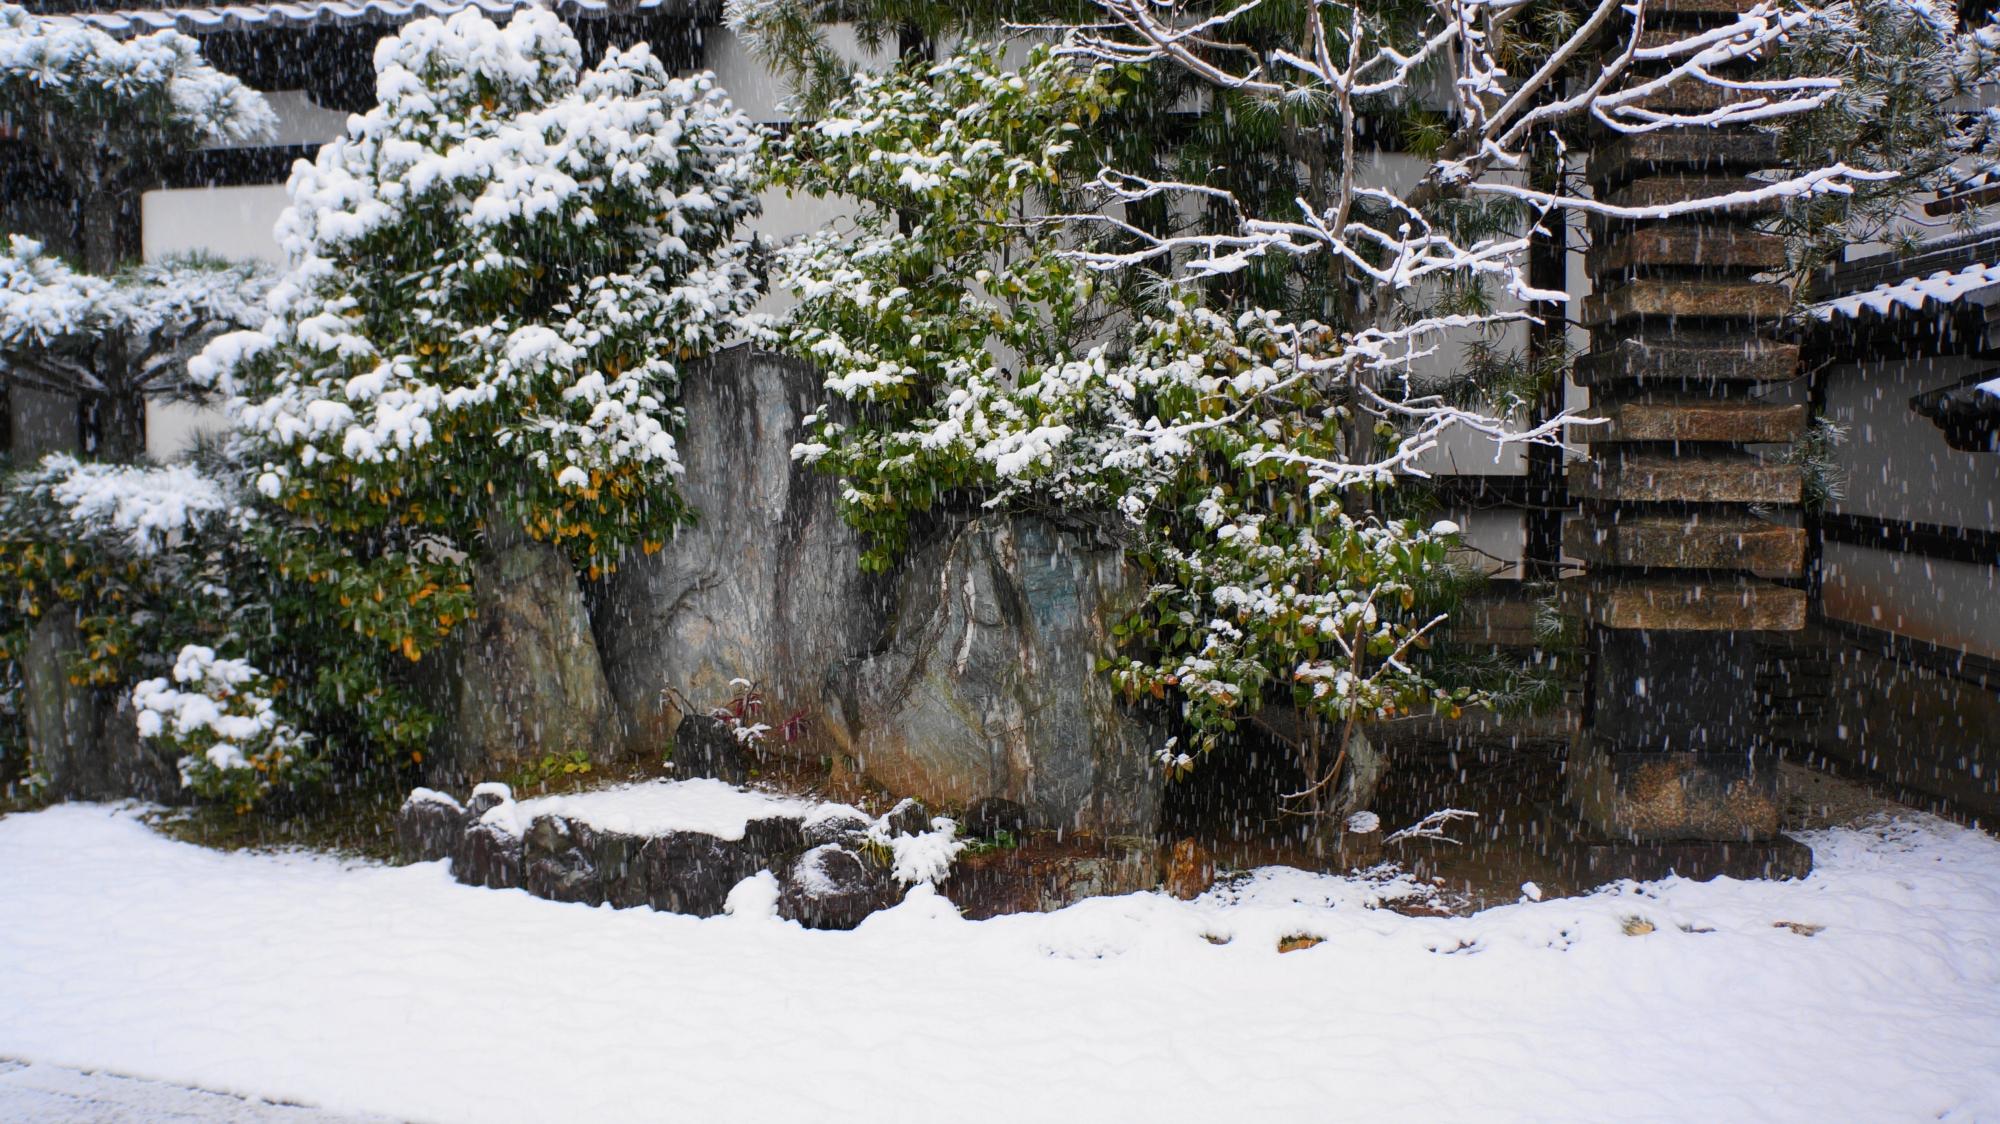 石塔や岩も白く染まった玄関前の雪景色